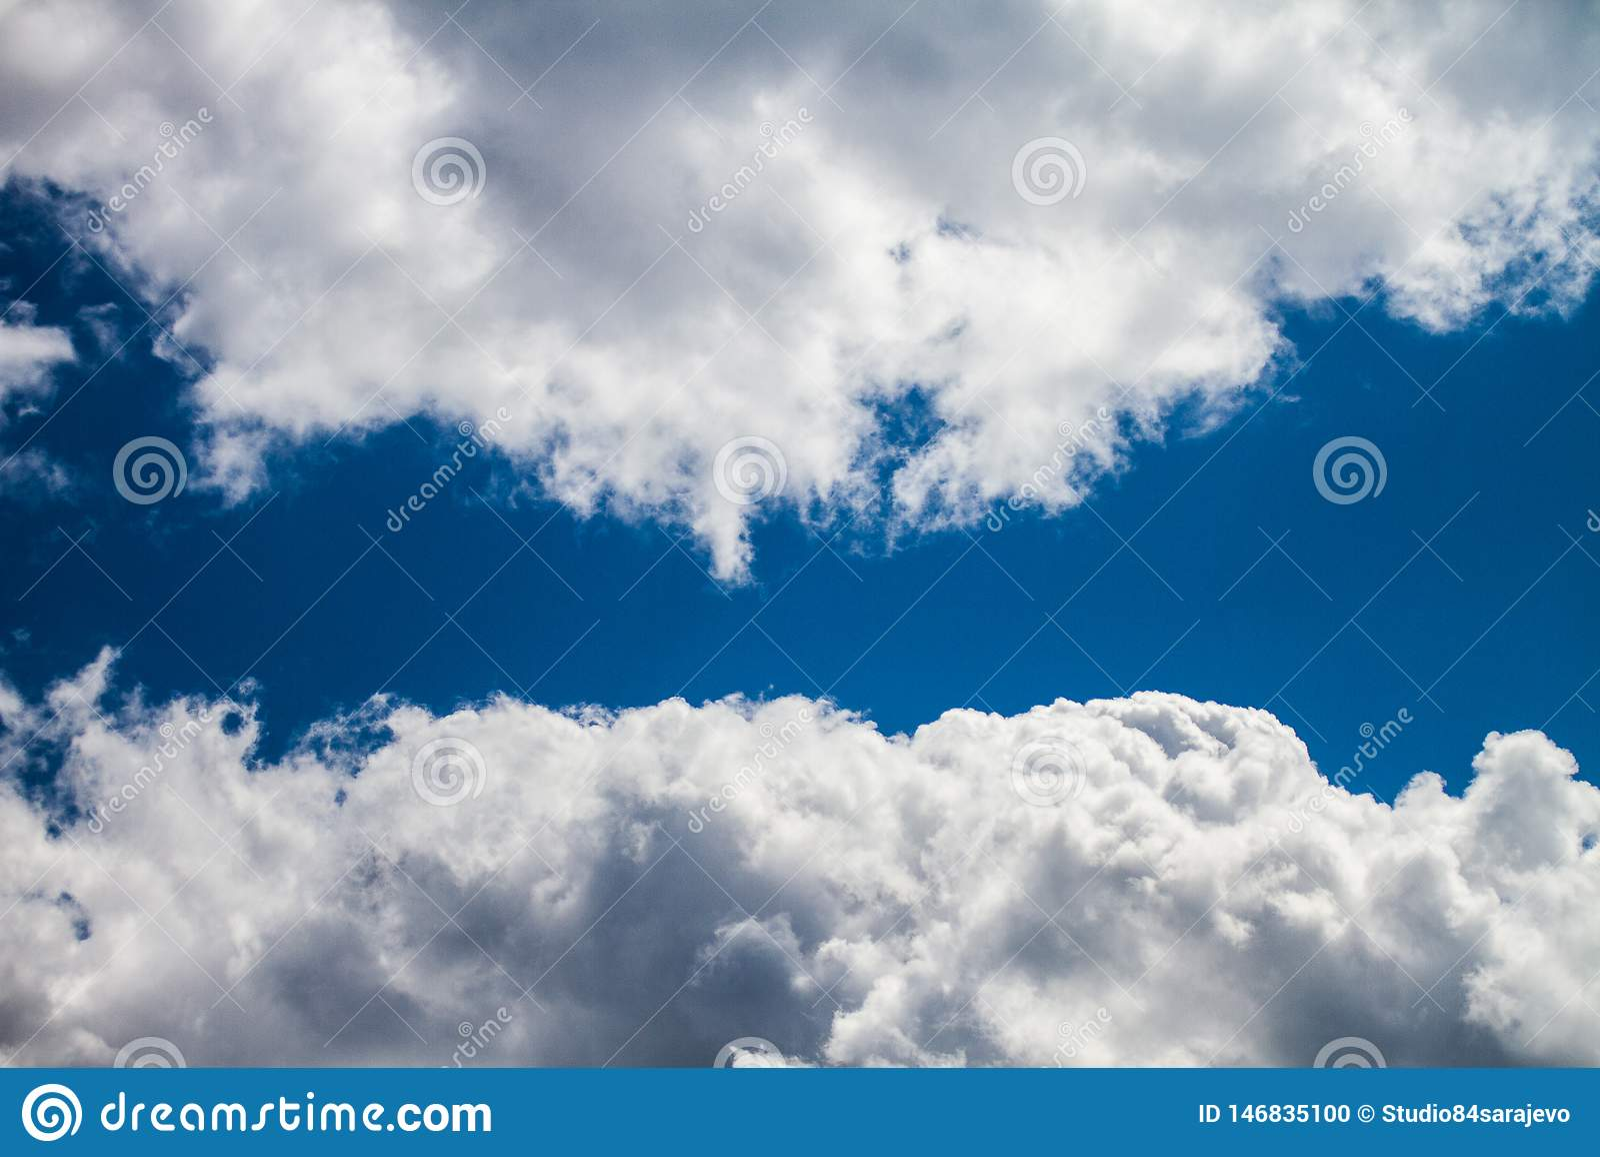 Ουράνιος μπλε ναυτικός ουρανός με τα σύννεφα